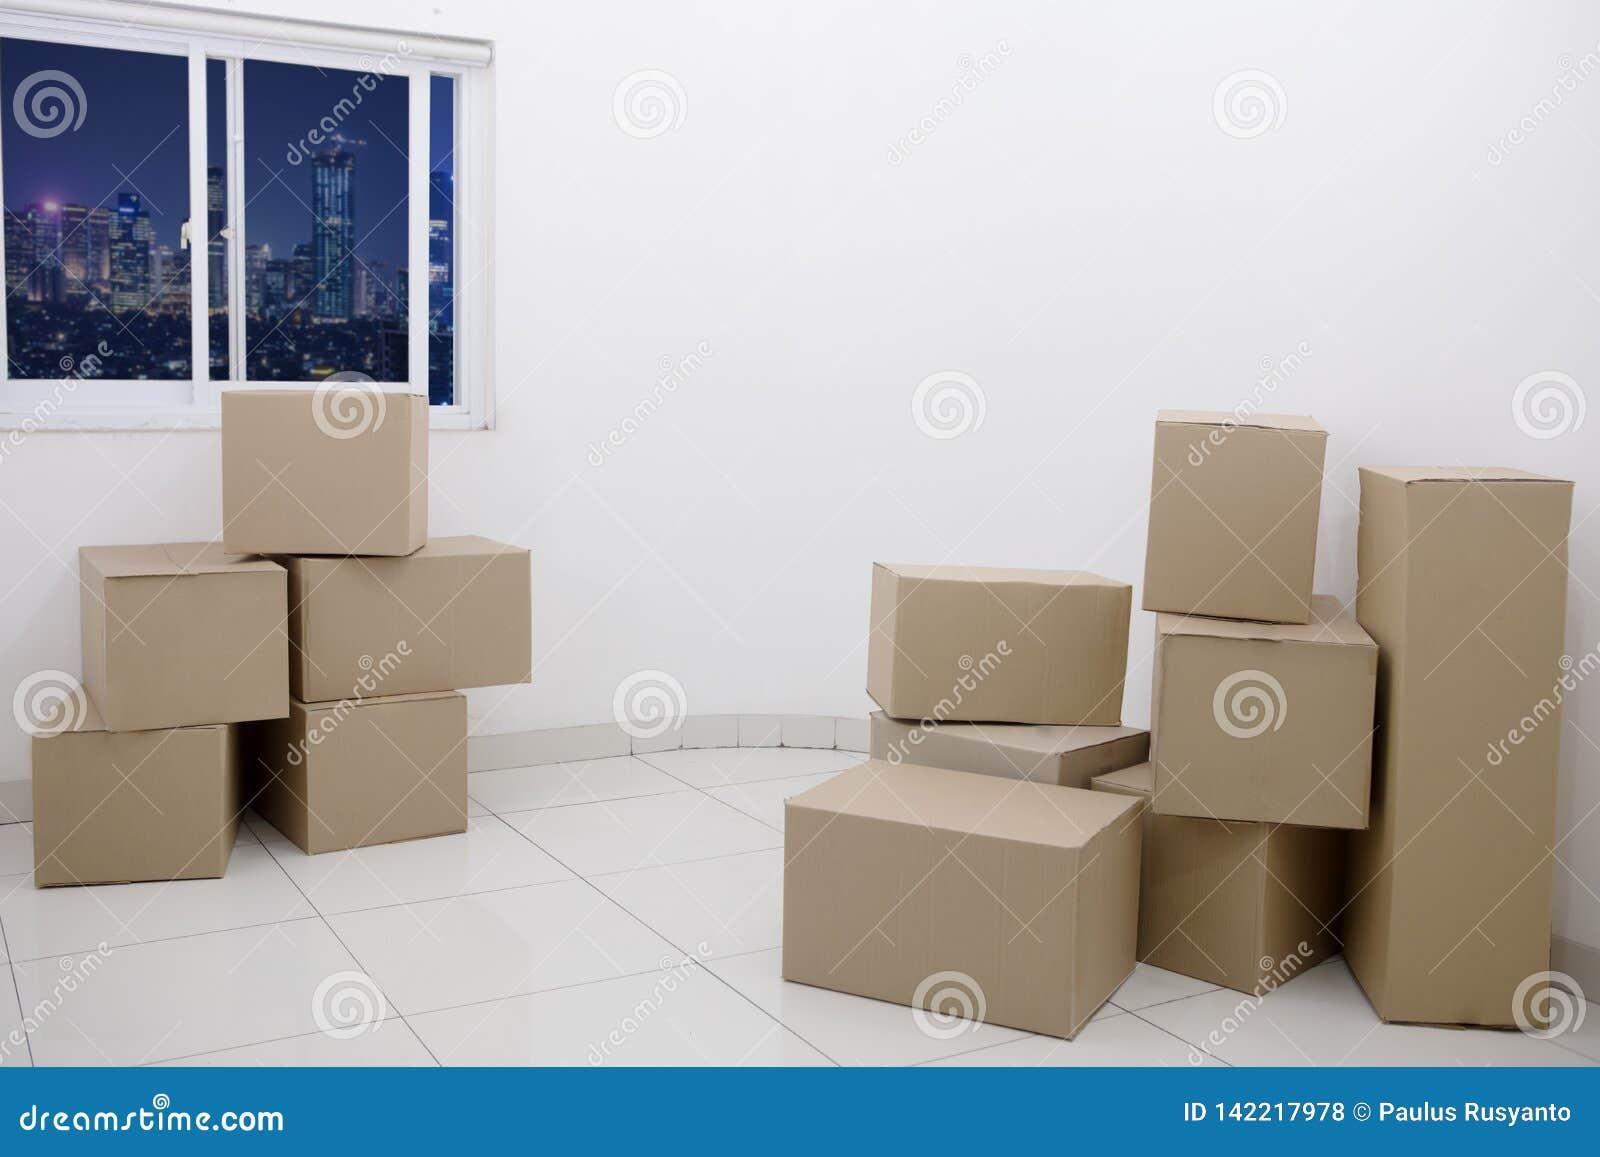 Cajas de cartón en un nuevo apartamento